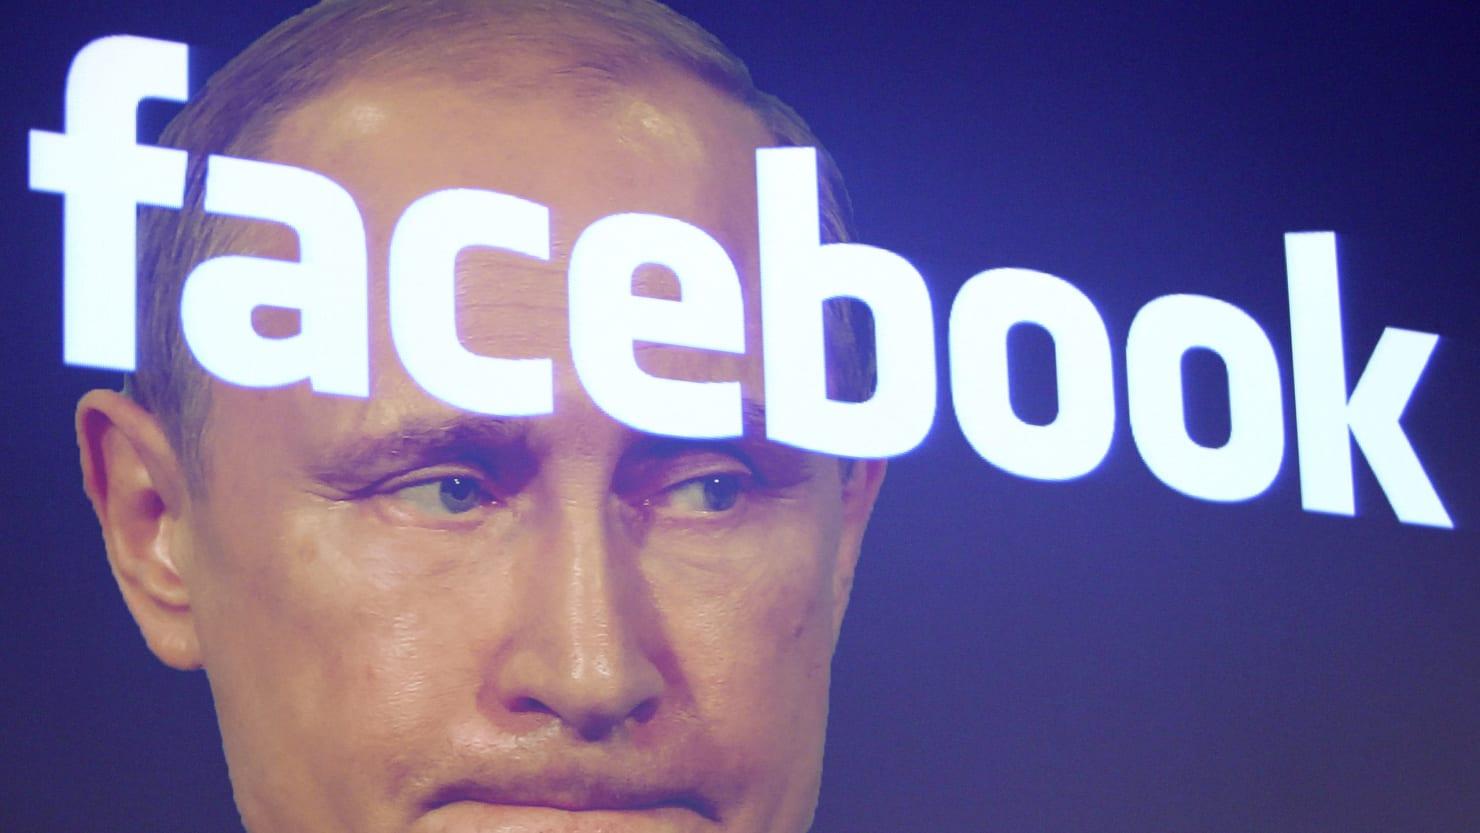 میلیونها کاربر فیس بوک تحت تأثیر سیگنال کرملین!